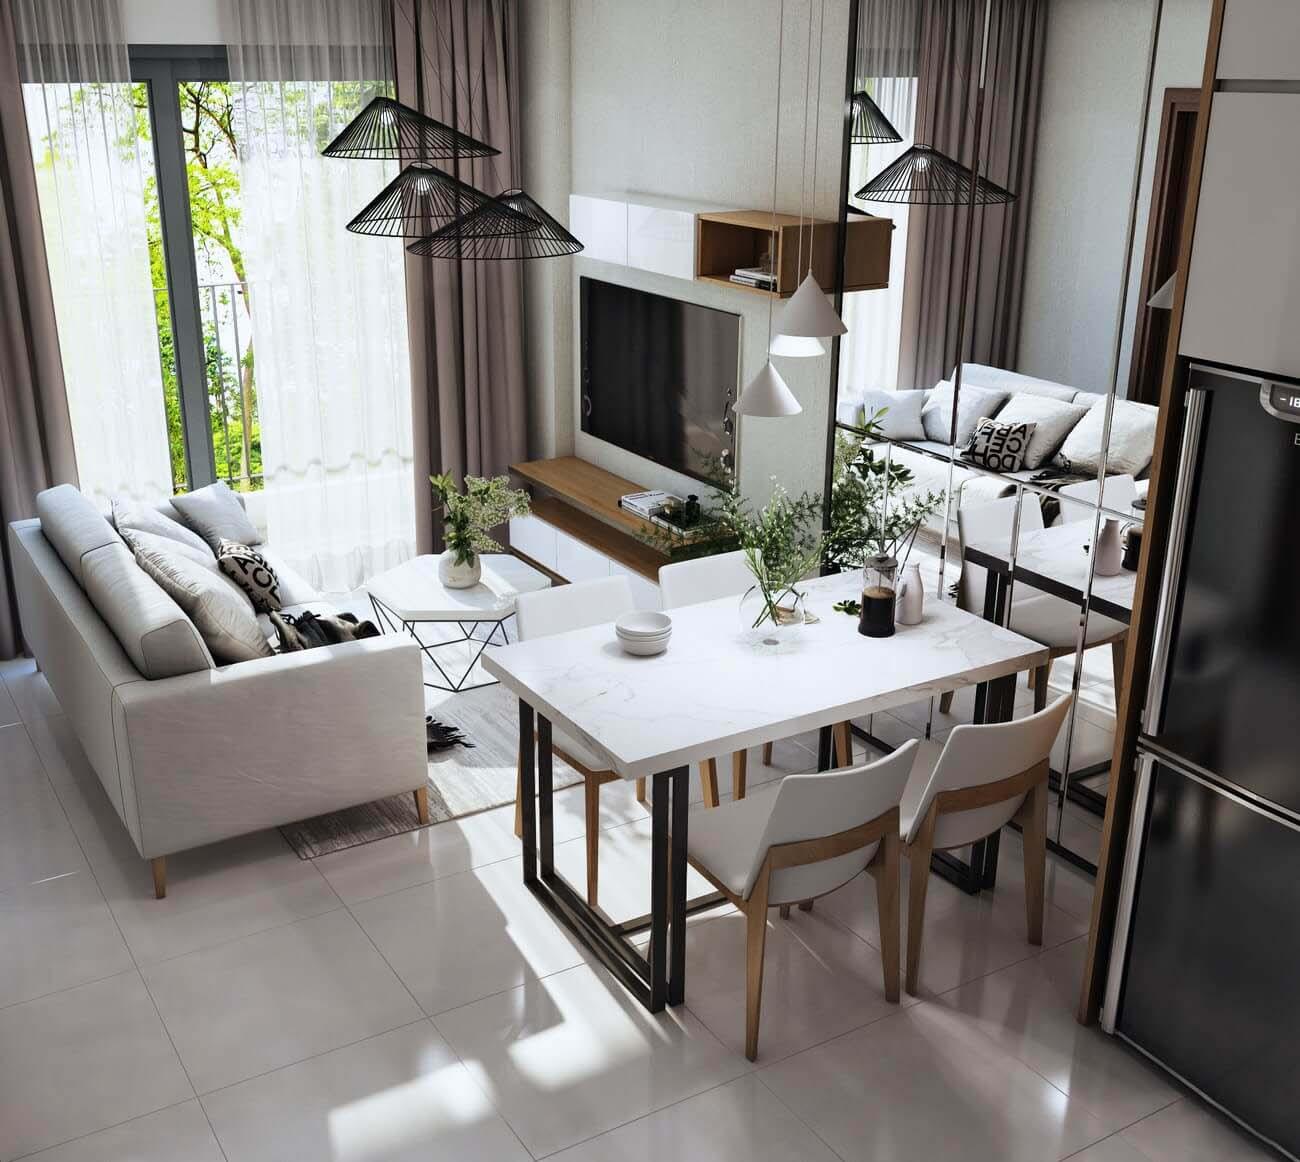 Phòng khách căn hộ chung cư Bcons Suối Tiên Loại B Dĩ An Đường Tân Lập chủ đầu tư Bcons